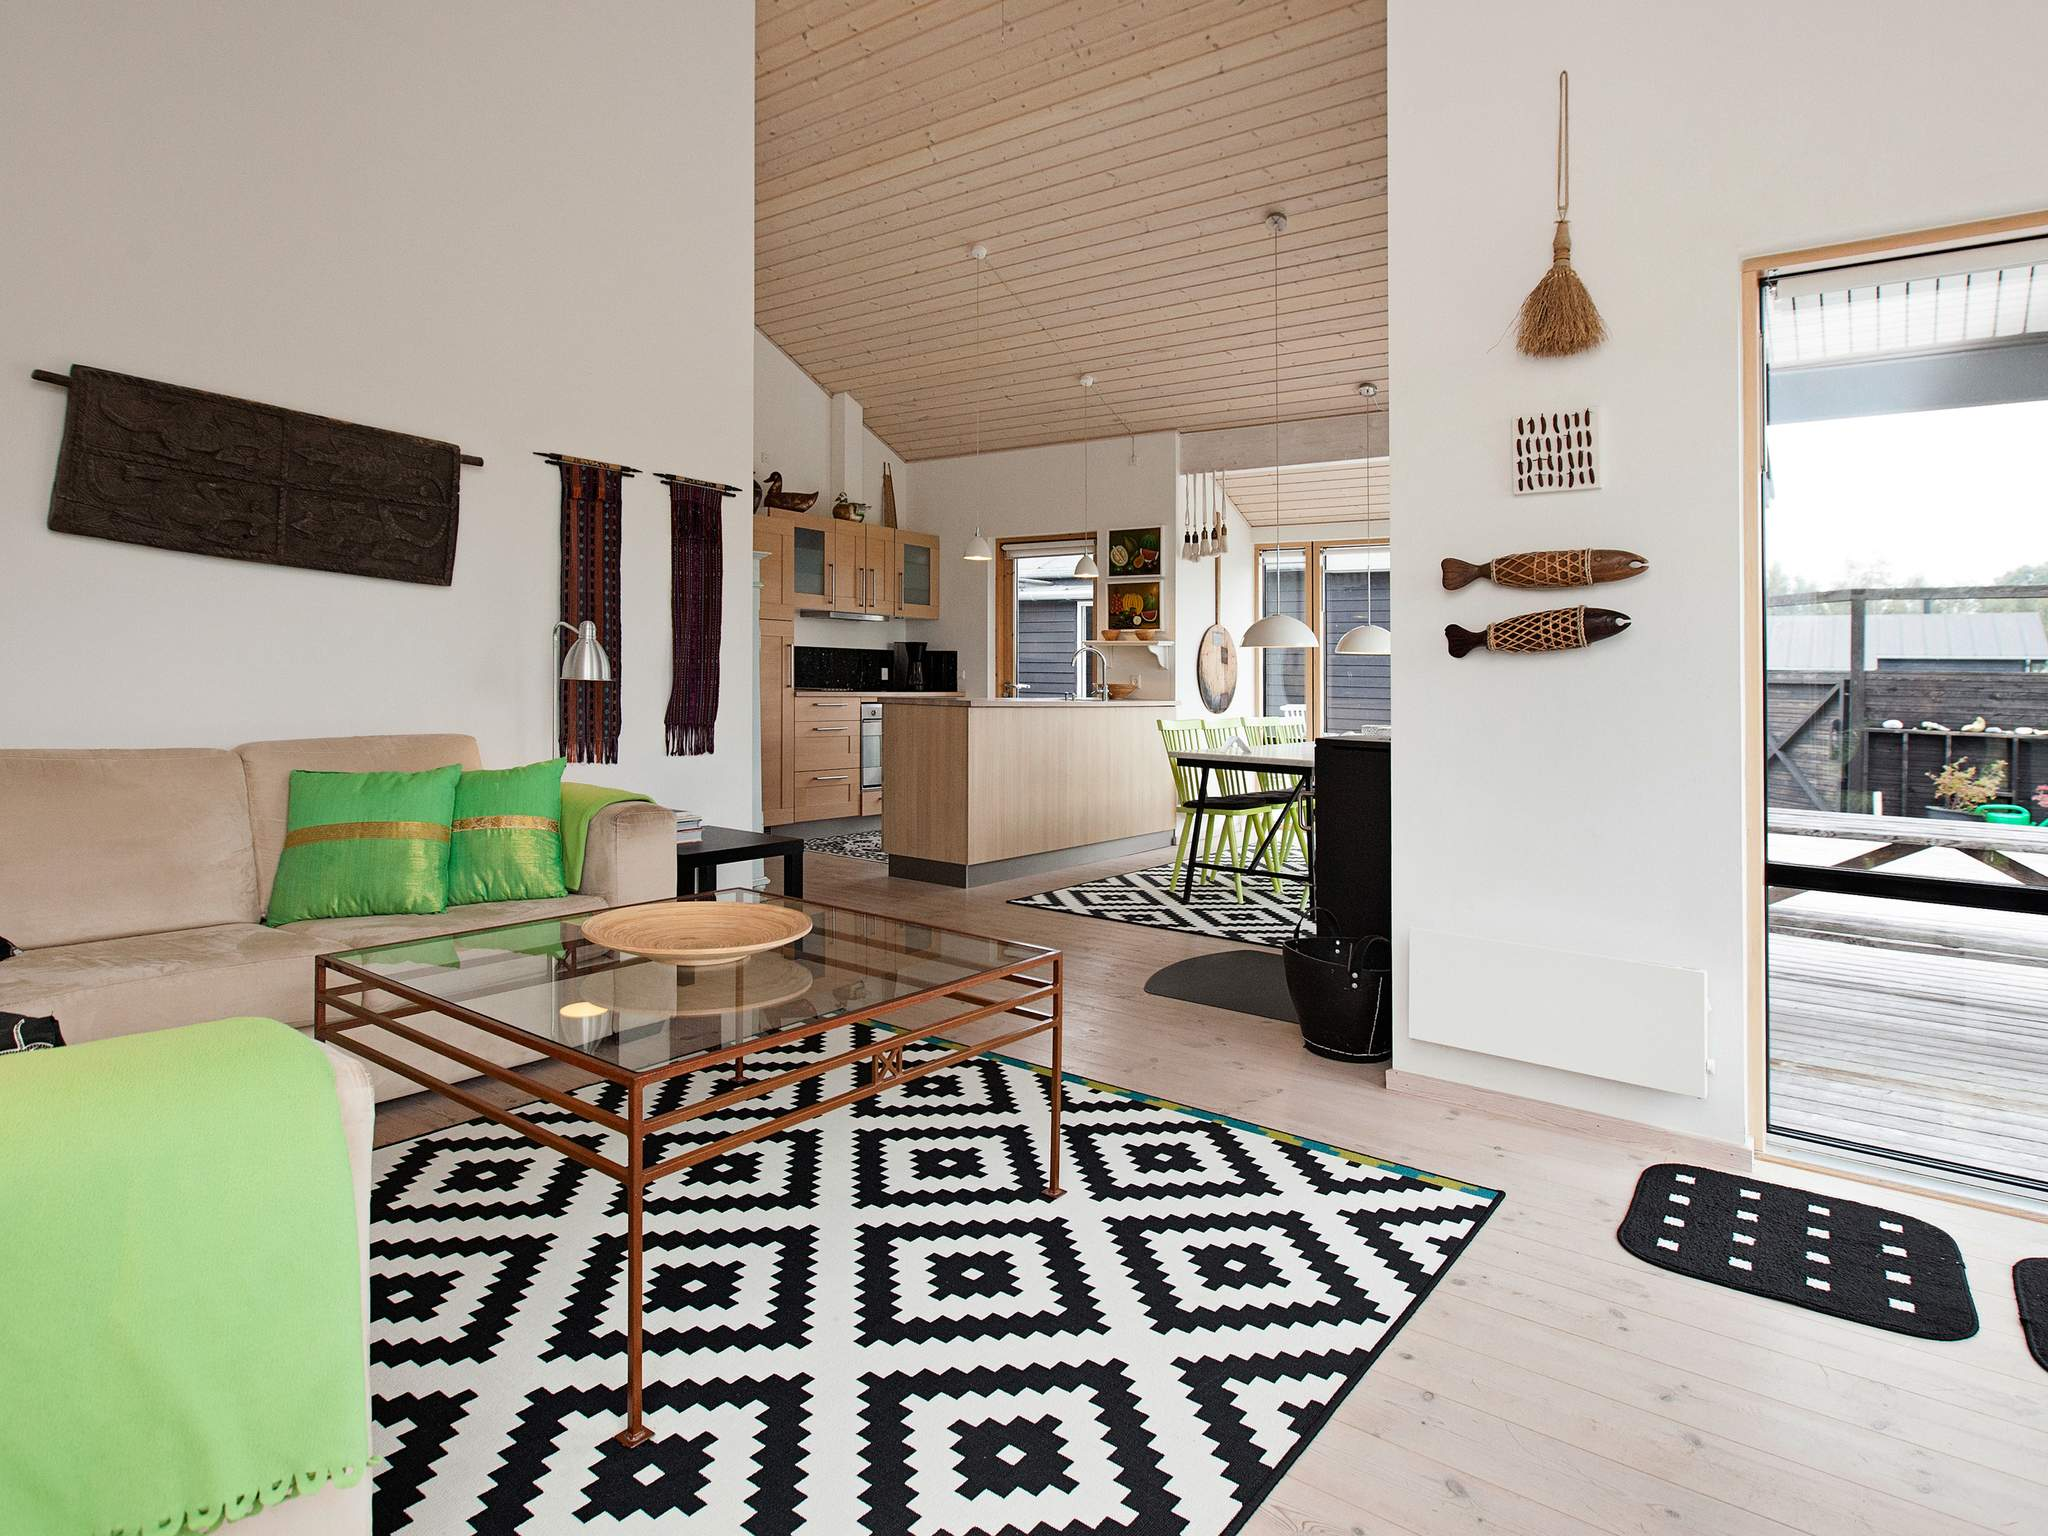 Ferienhaus Ulvshale (216908), Stege, , Møn, Dänemark, Bild 5